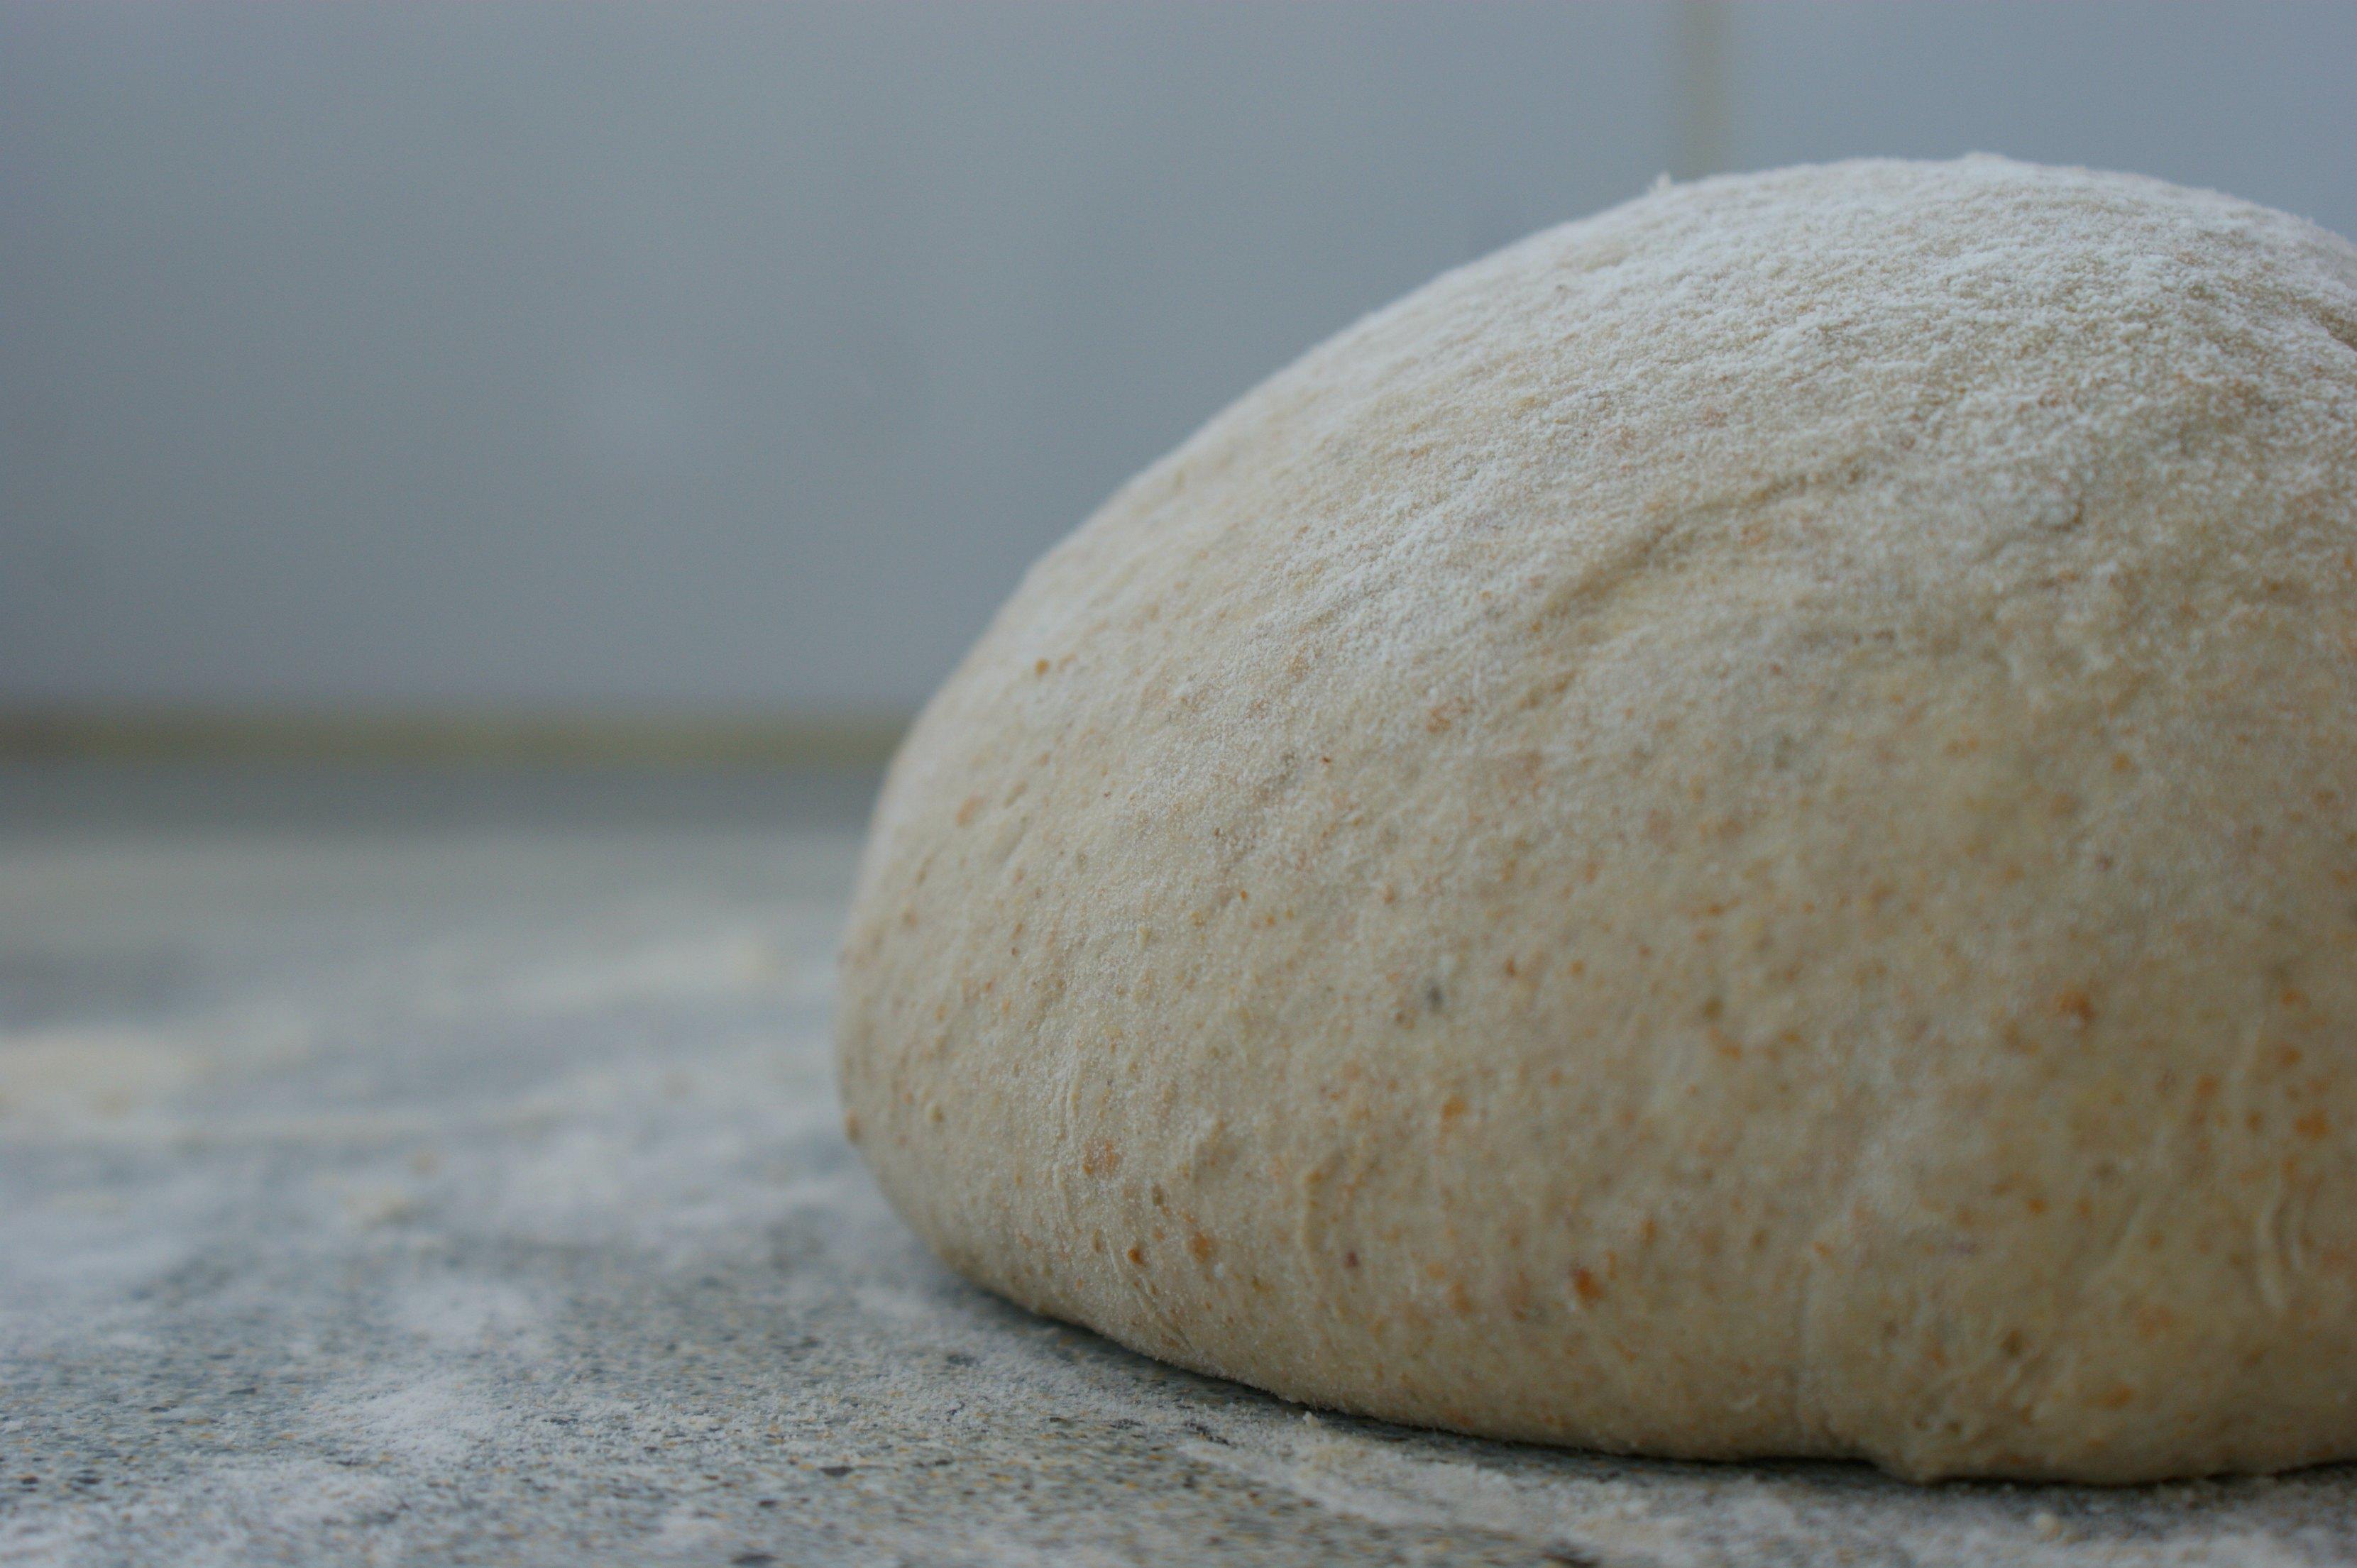 A boule of bread